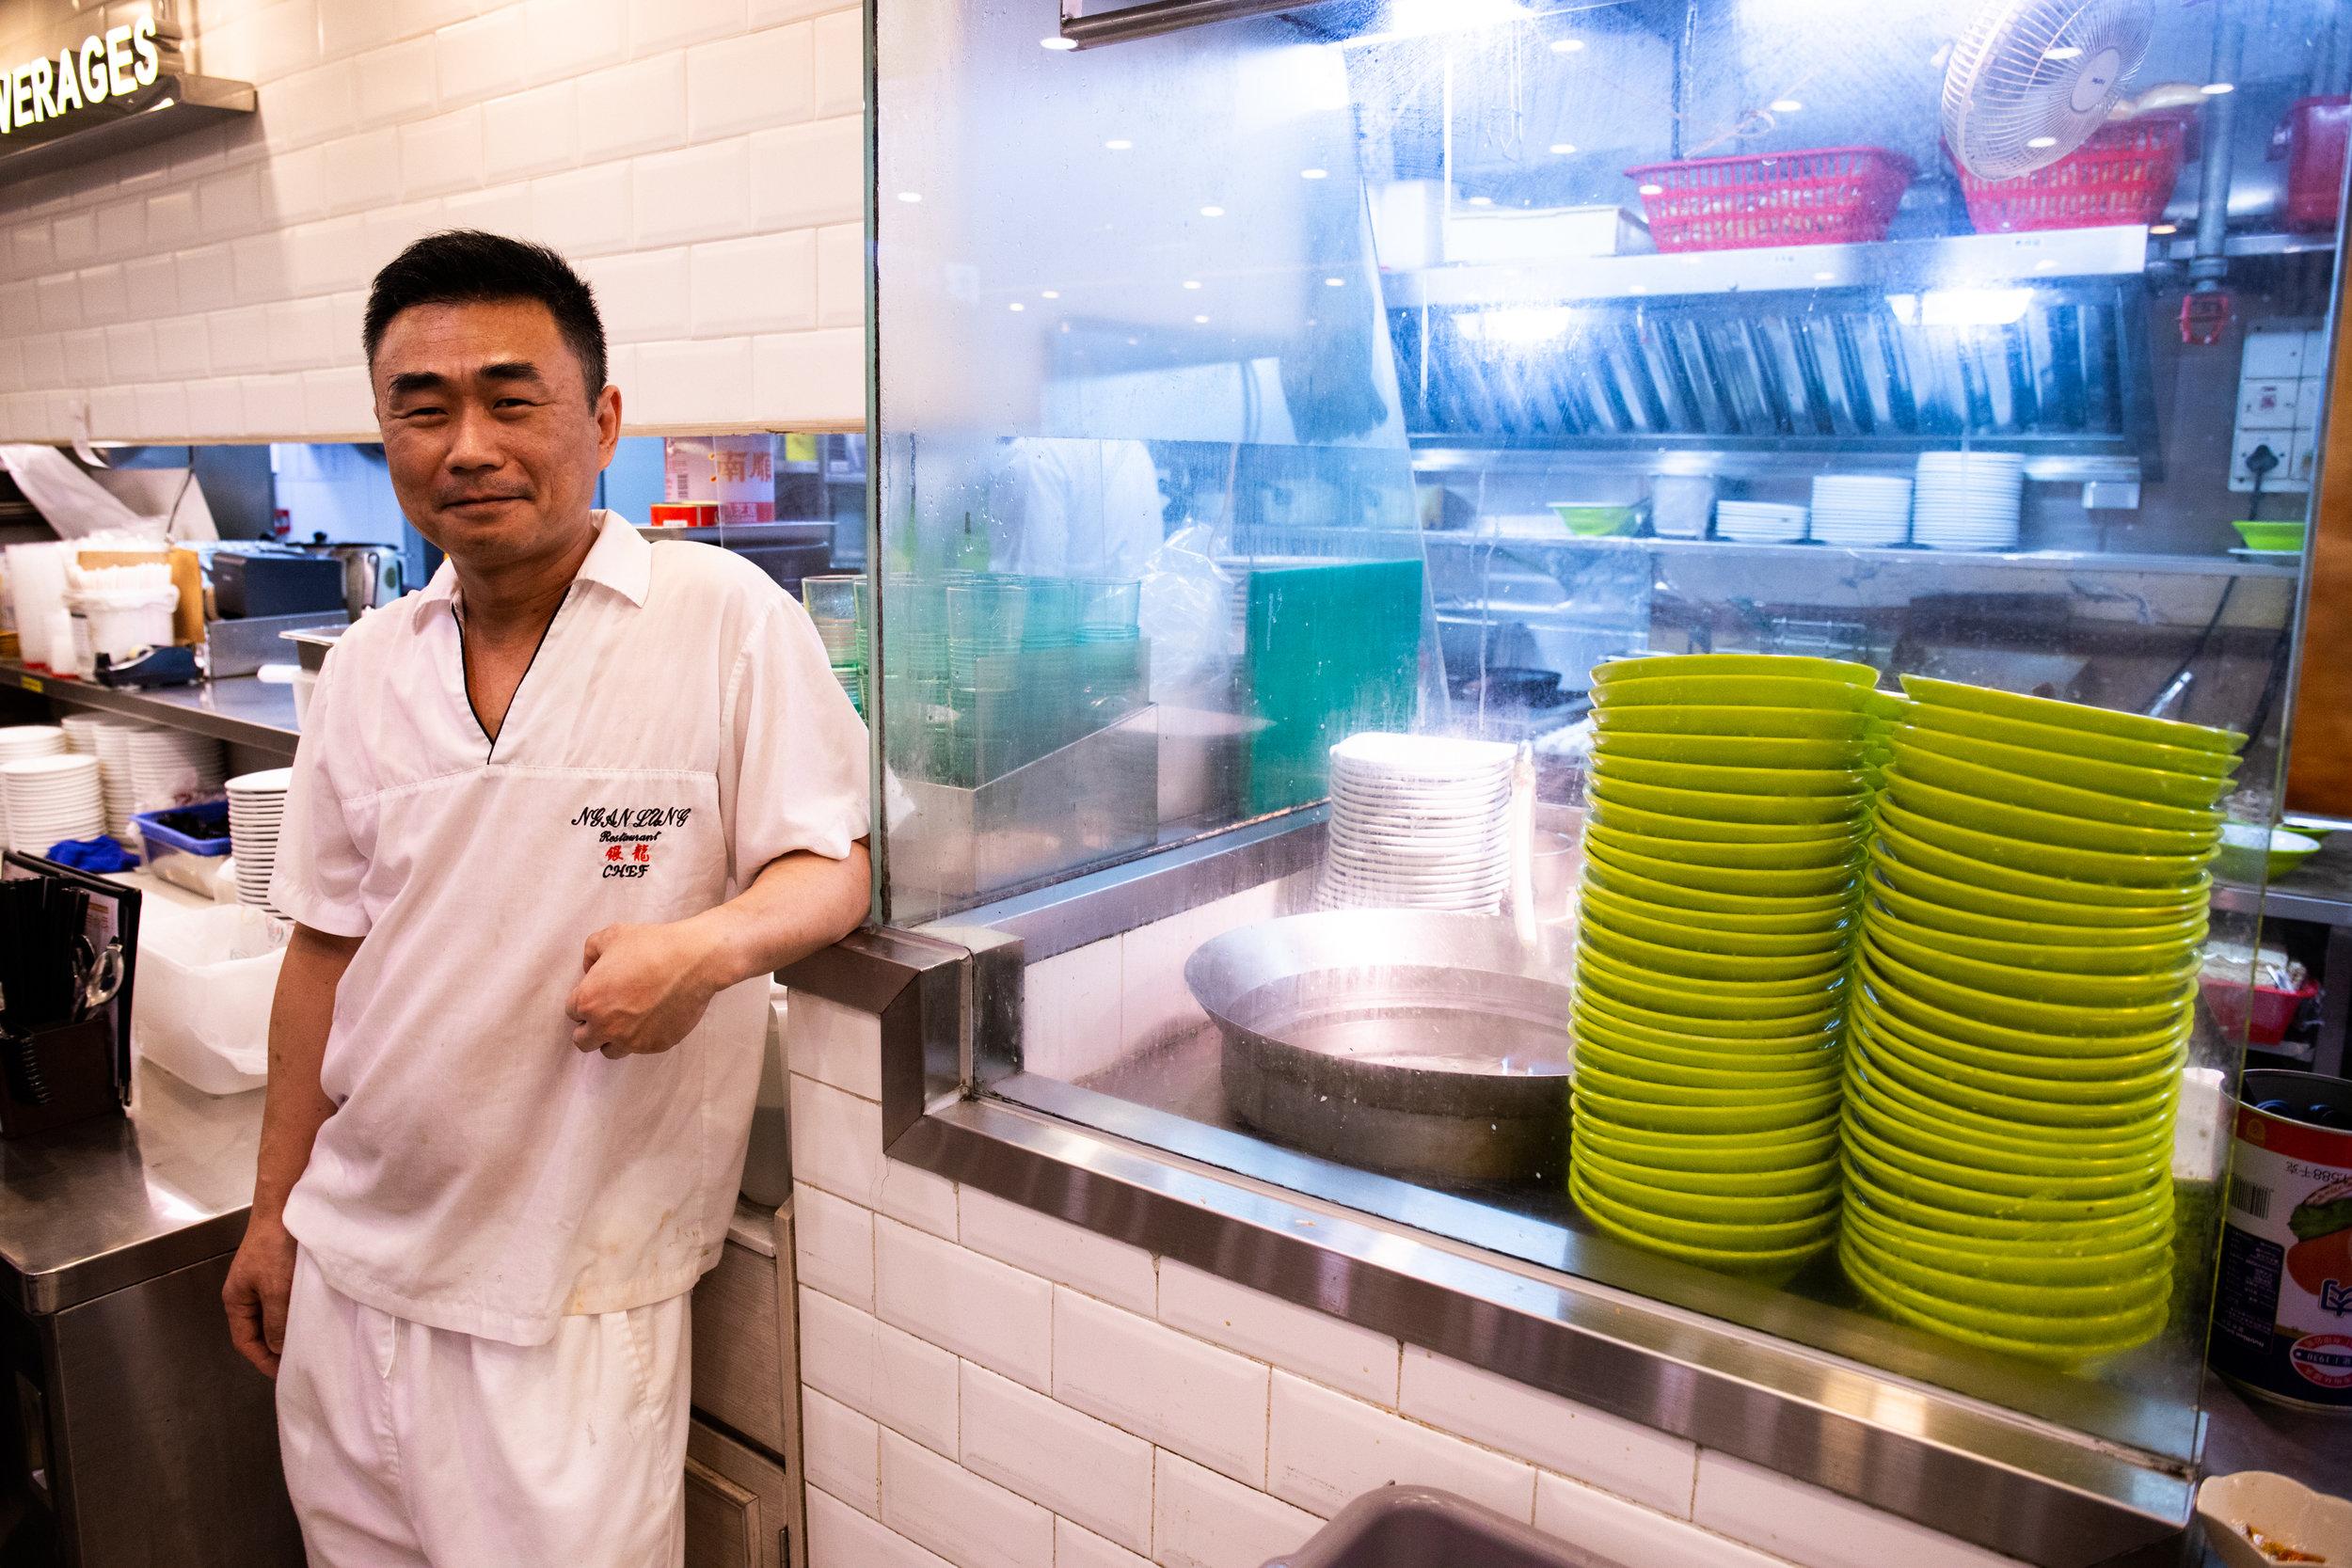 Hong Kong Diner